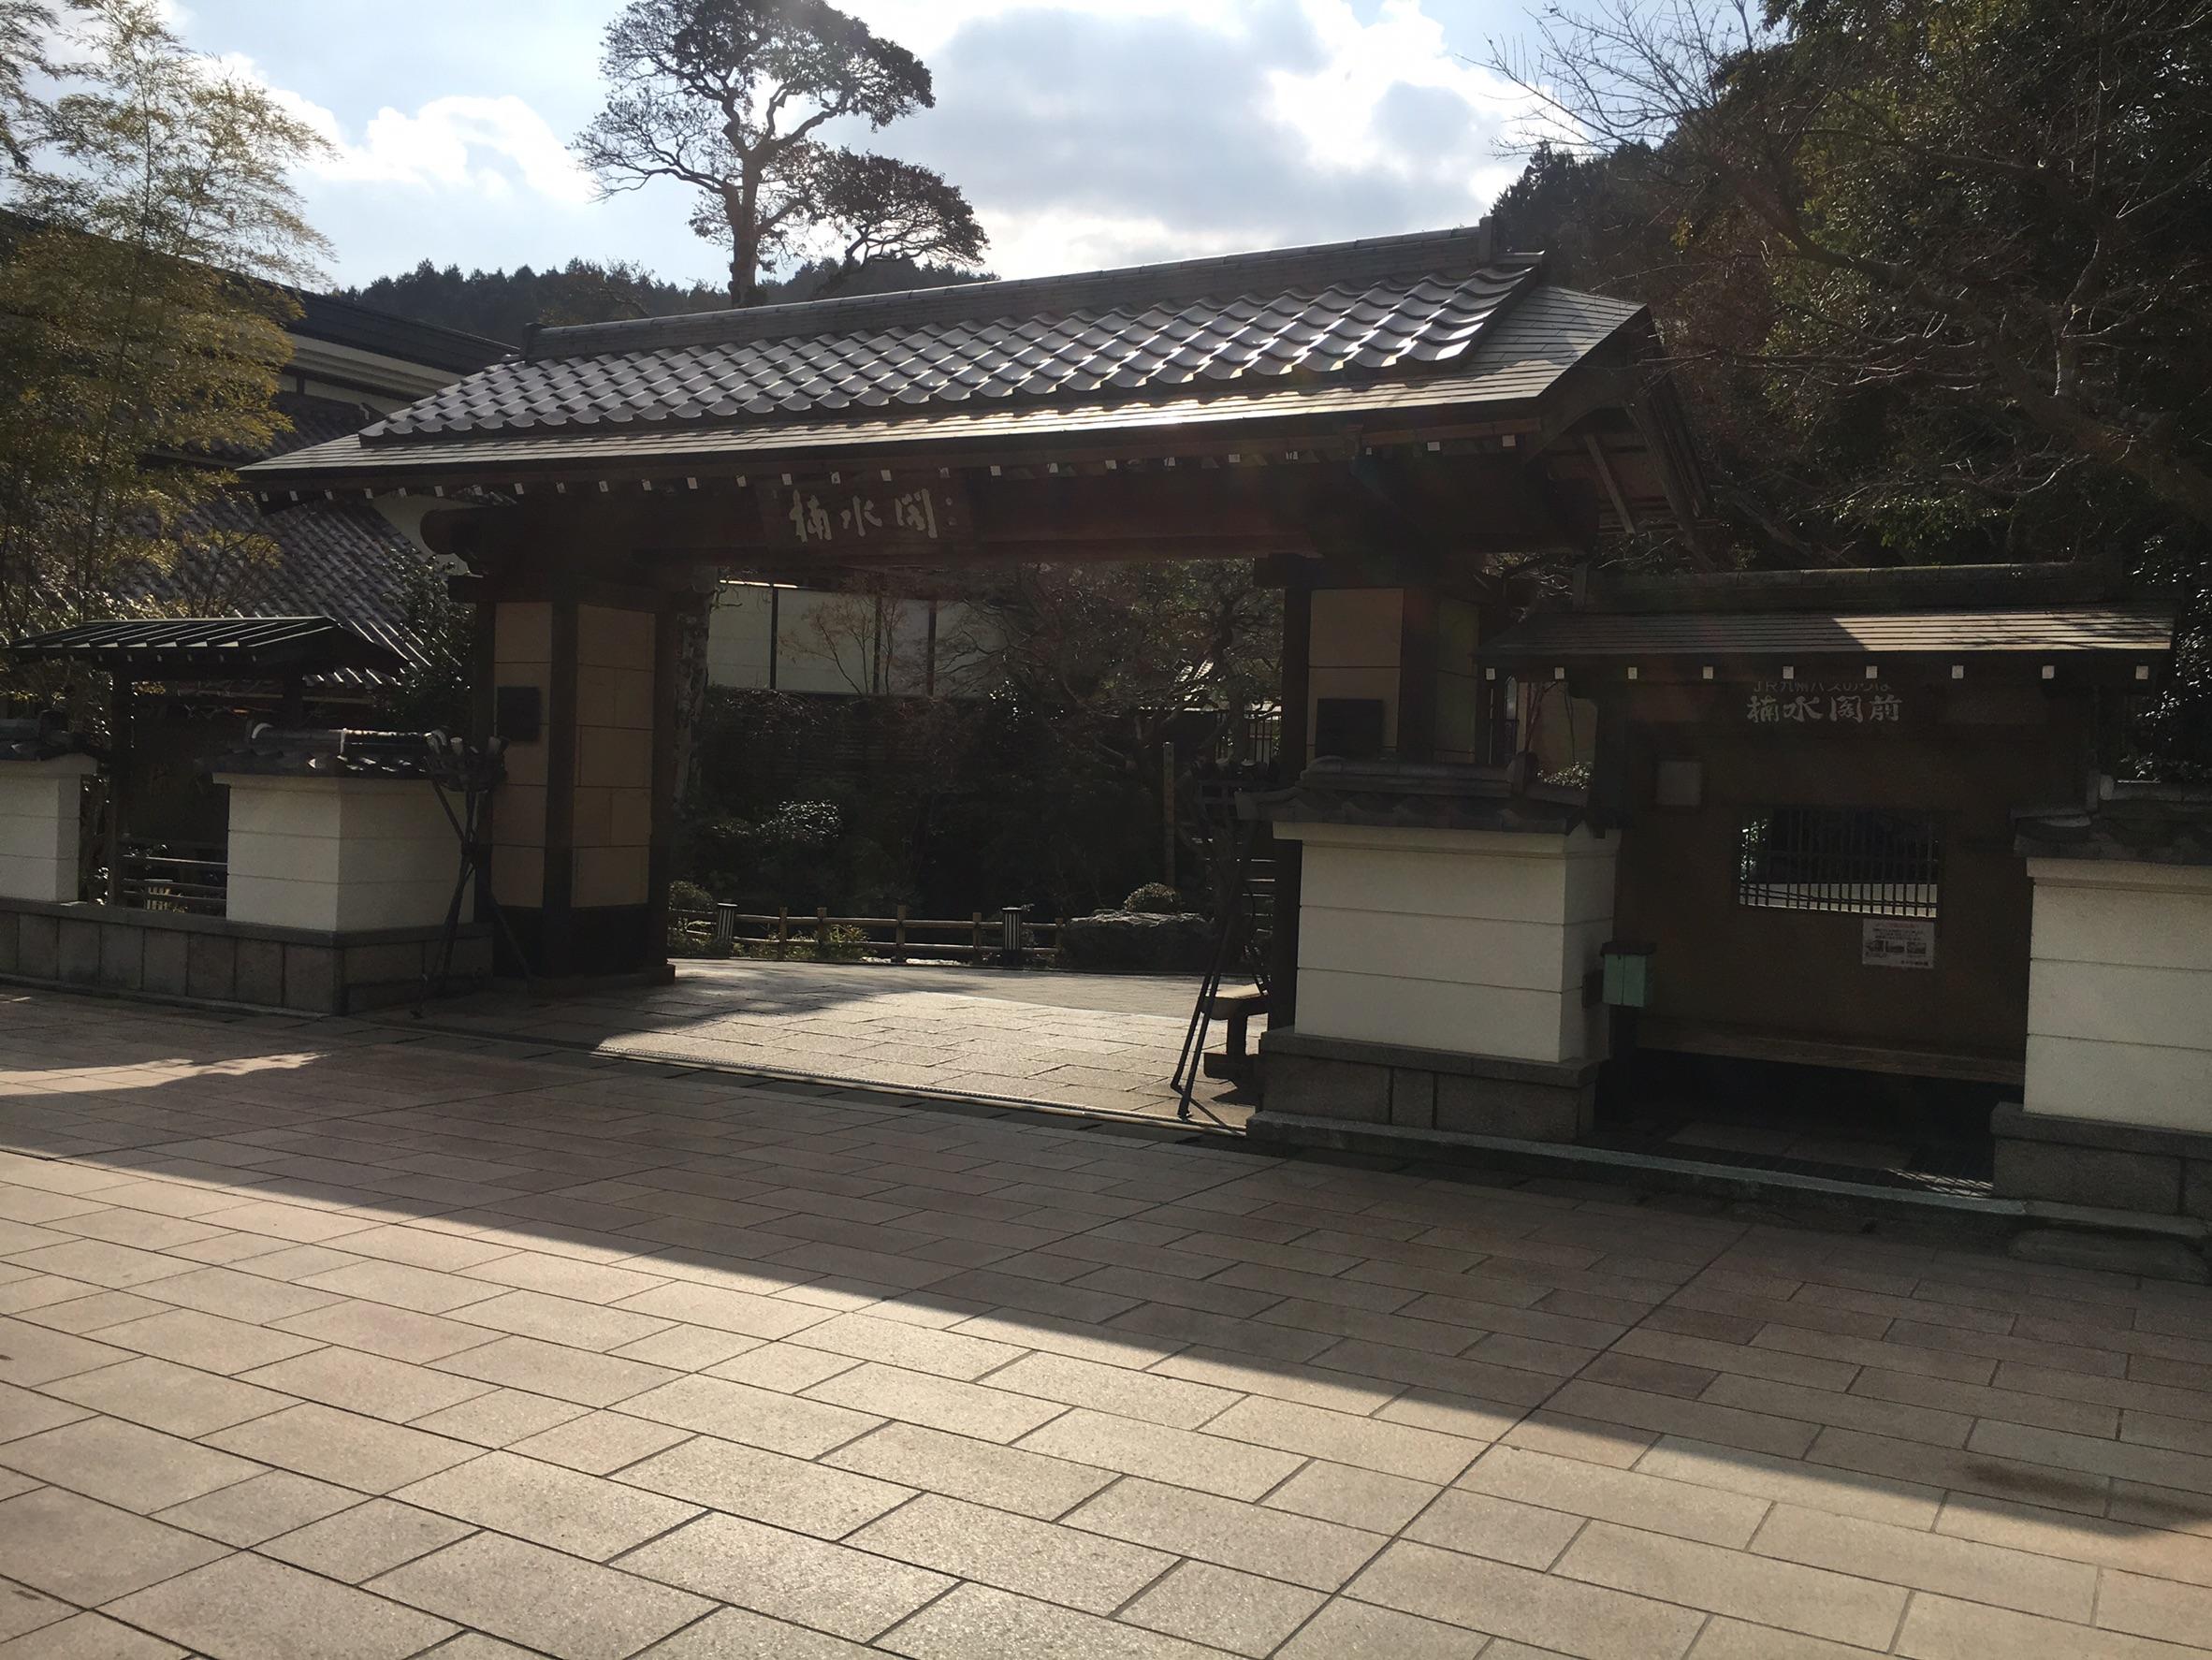 おすすめの近場温泉♨️脇田温泉(宮若市)